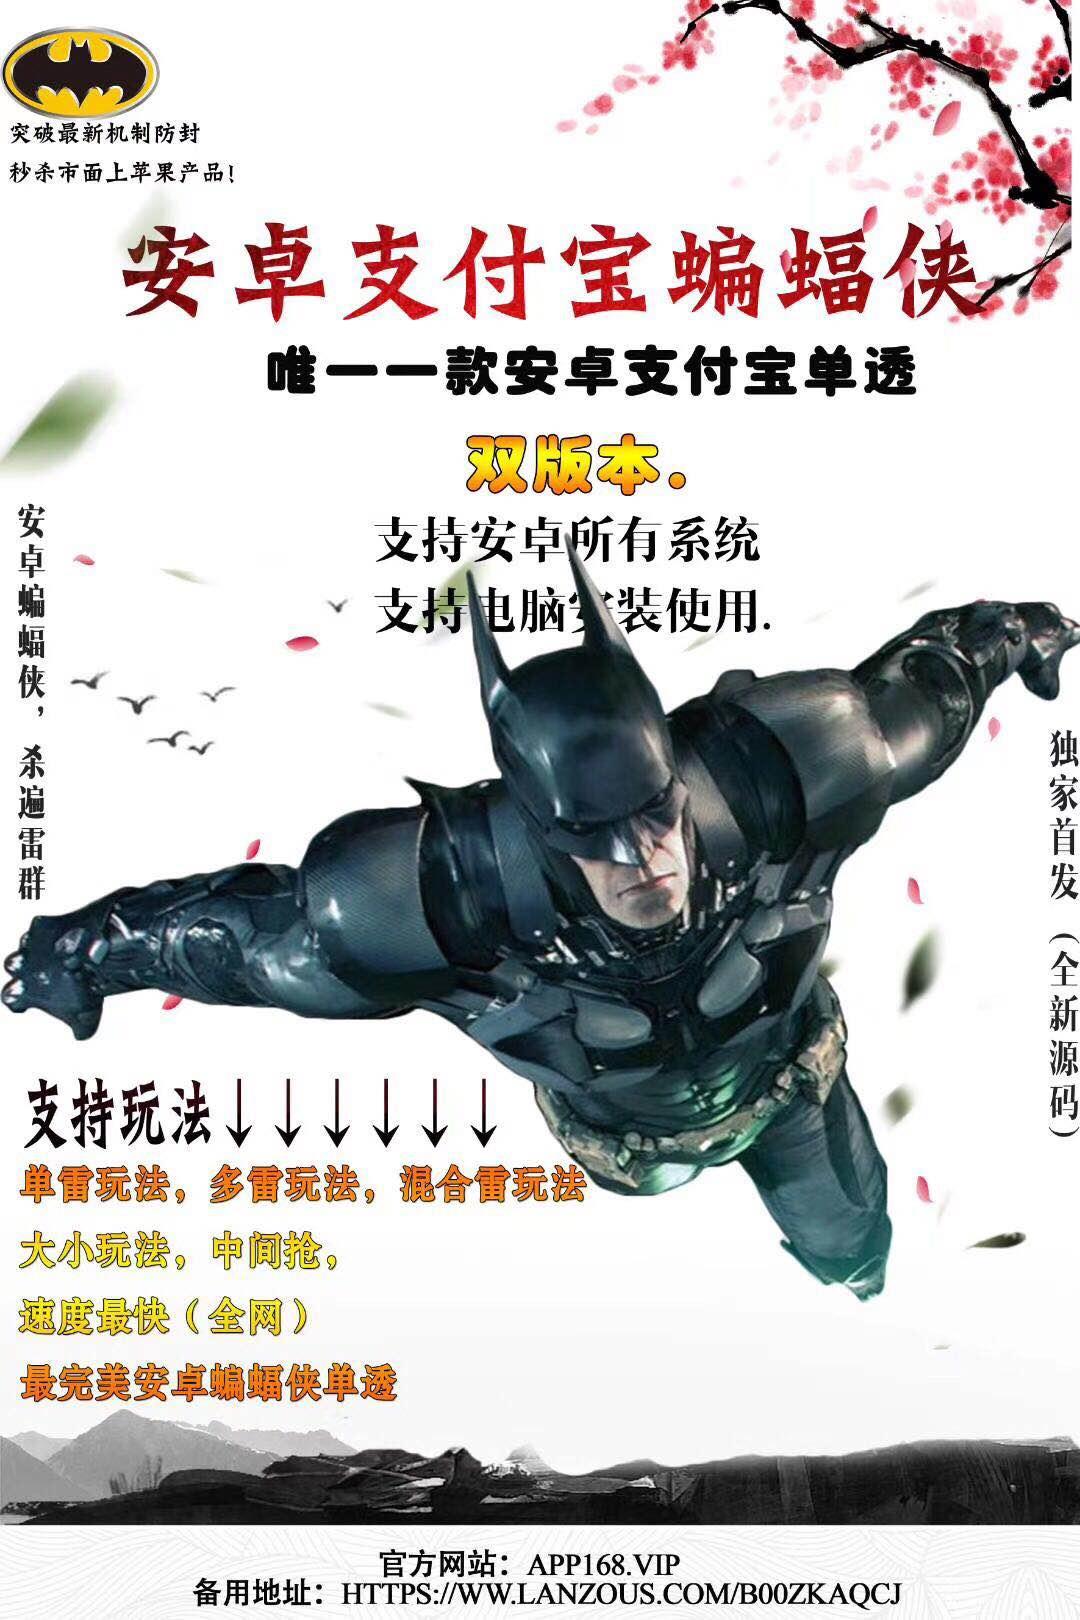 【安卓支付宝蝙蝠侠单透月卡】大小玩法,中间抢, 速度最快(全网)